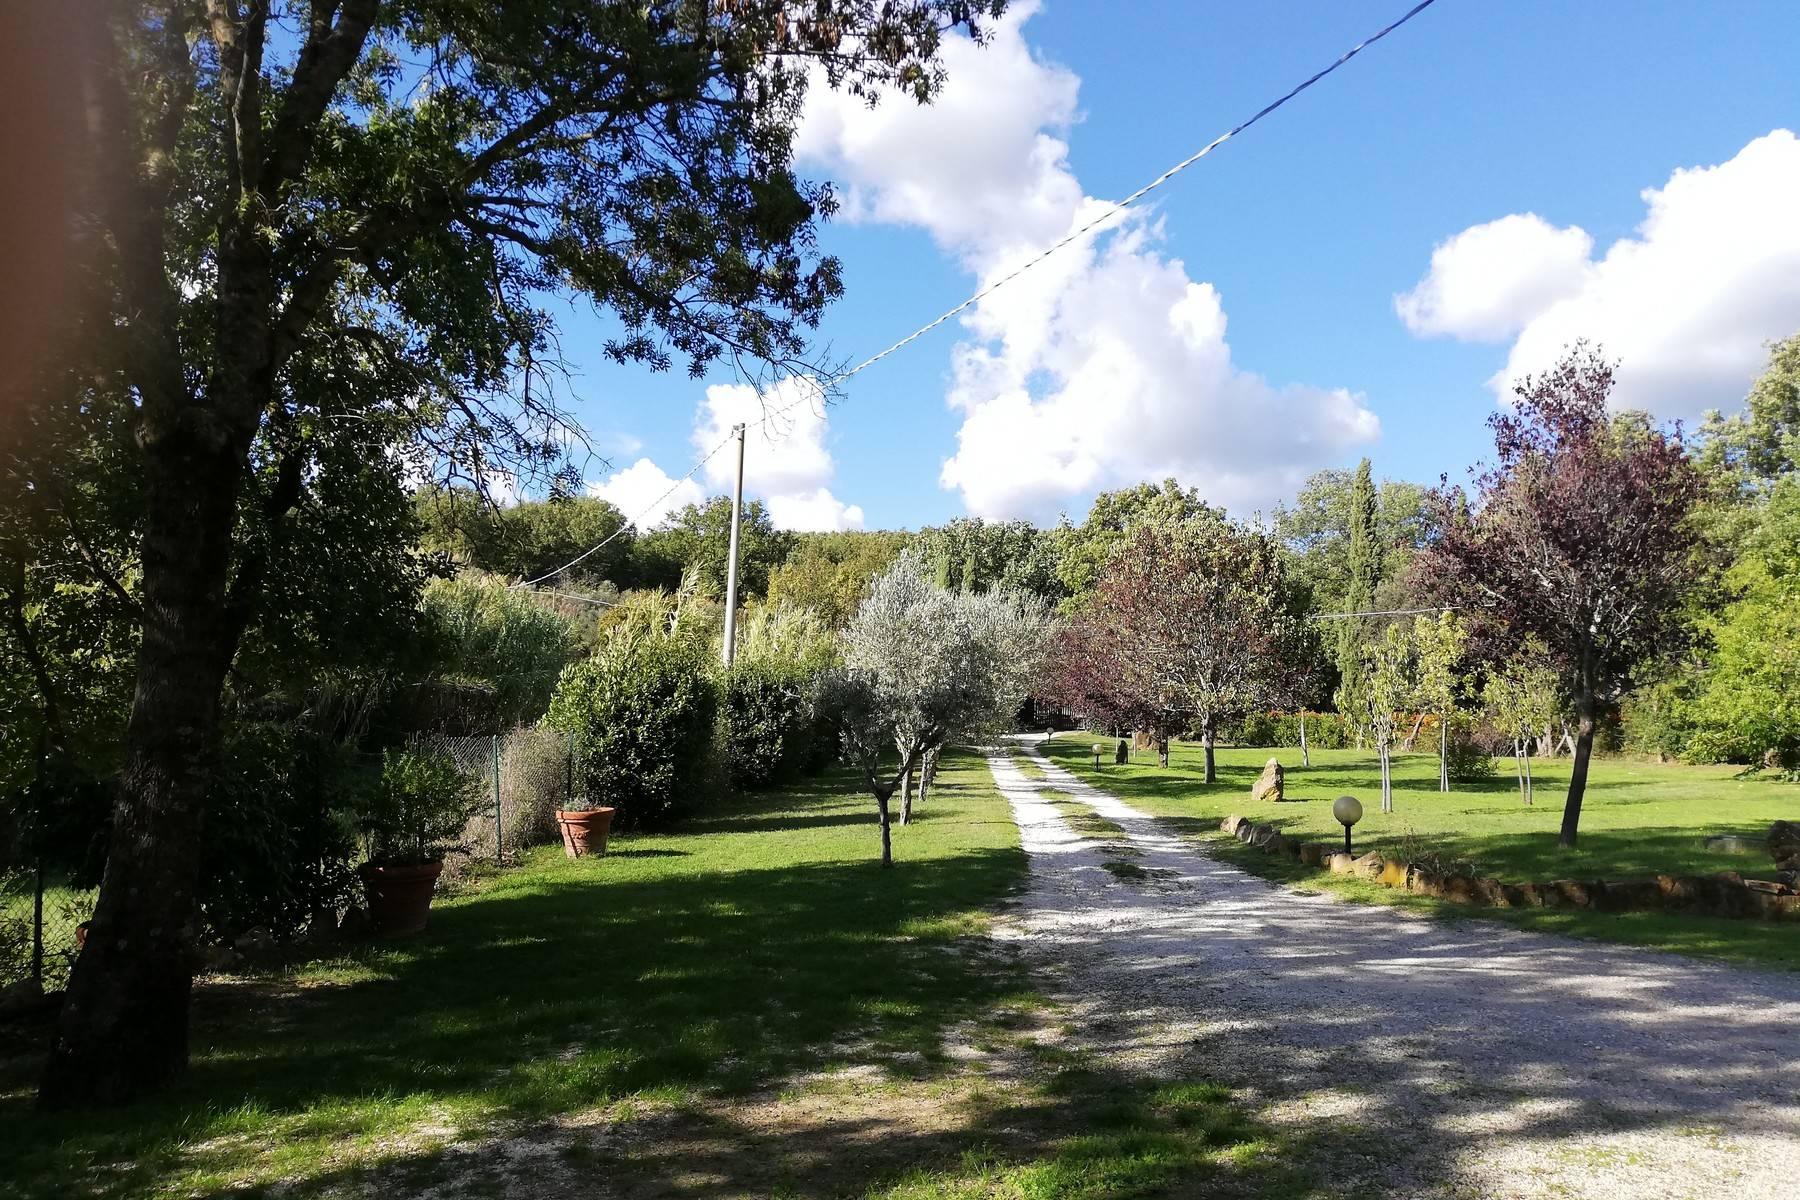 Rustico in Vendita a Manciano: 5 locali, 357 mq - Foto 1